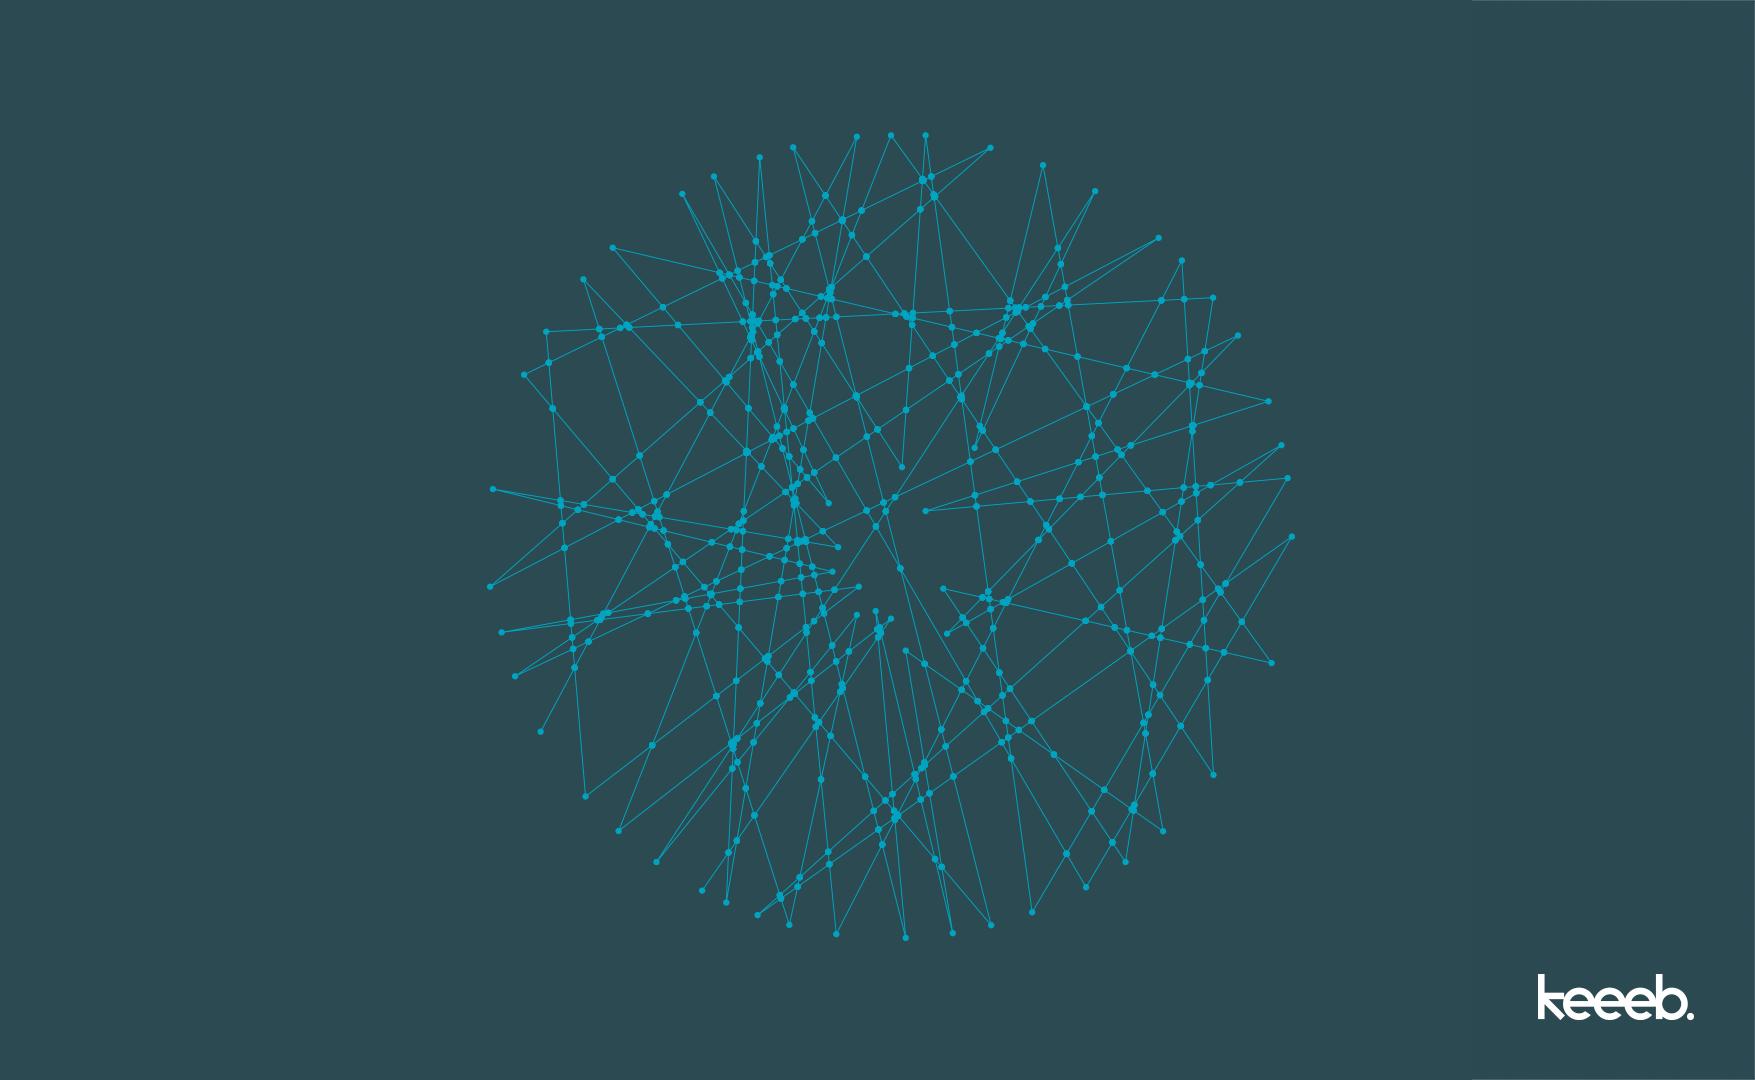 keeeb-identity-lines-dots-2